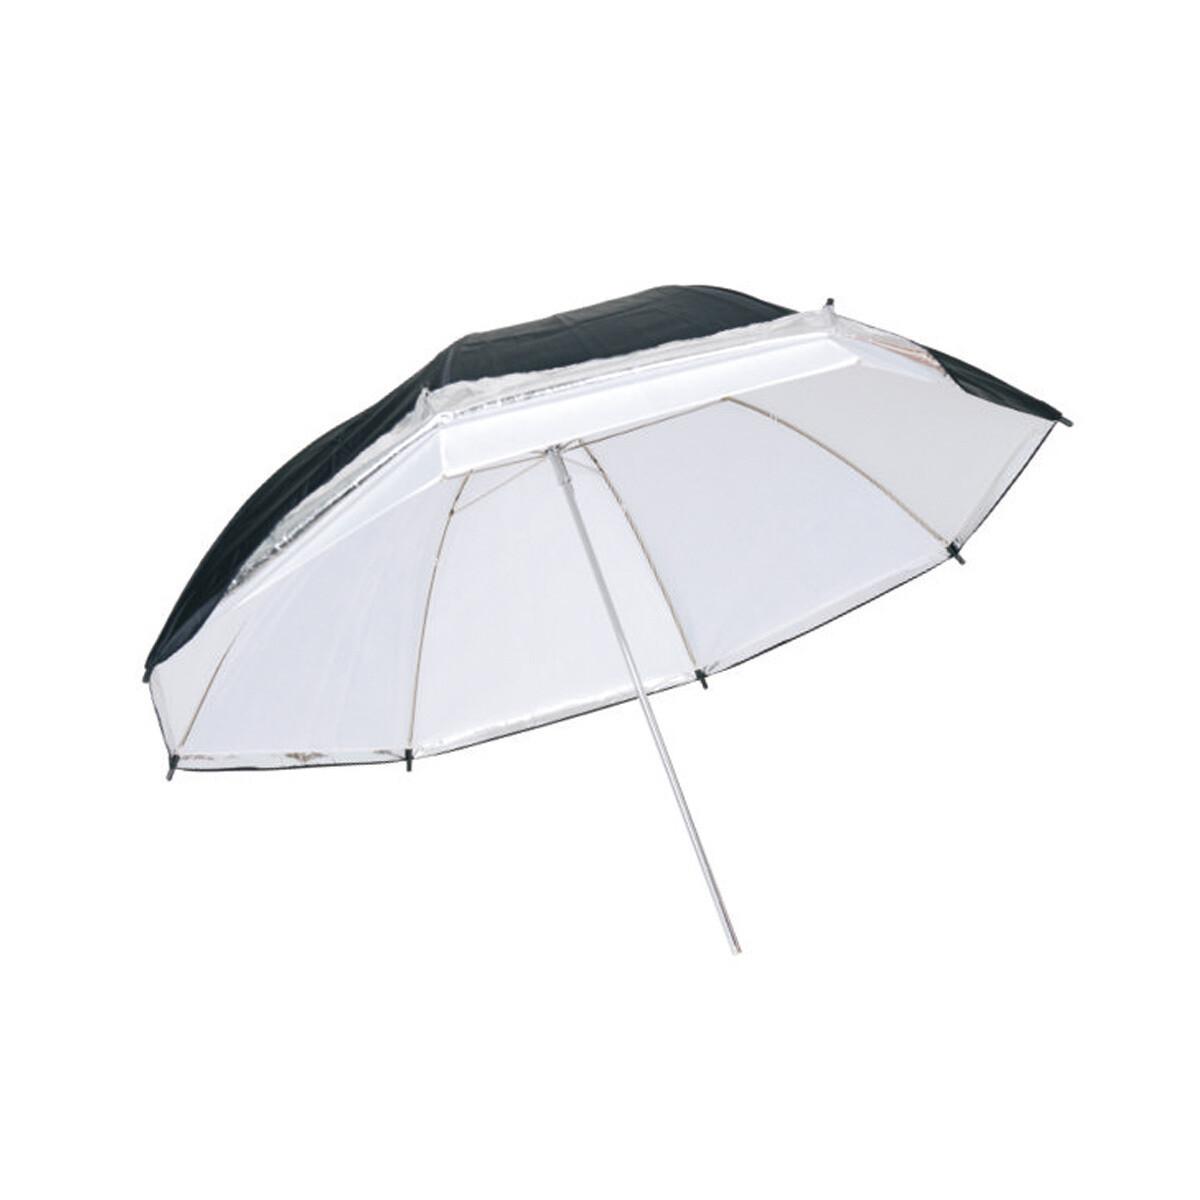 Double-layer Umbrella 150cm